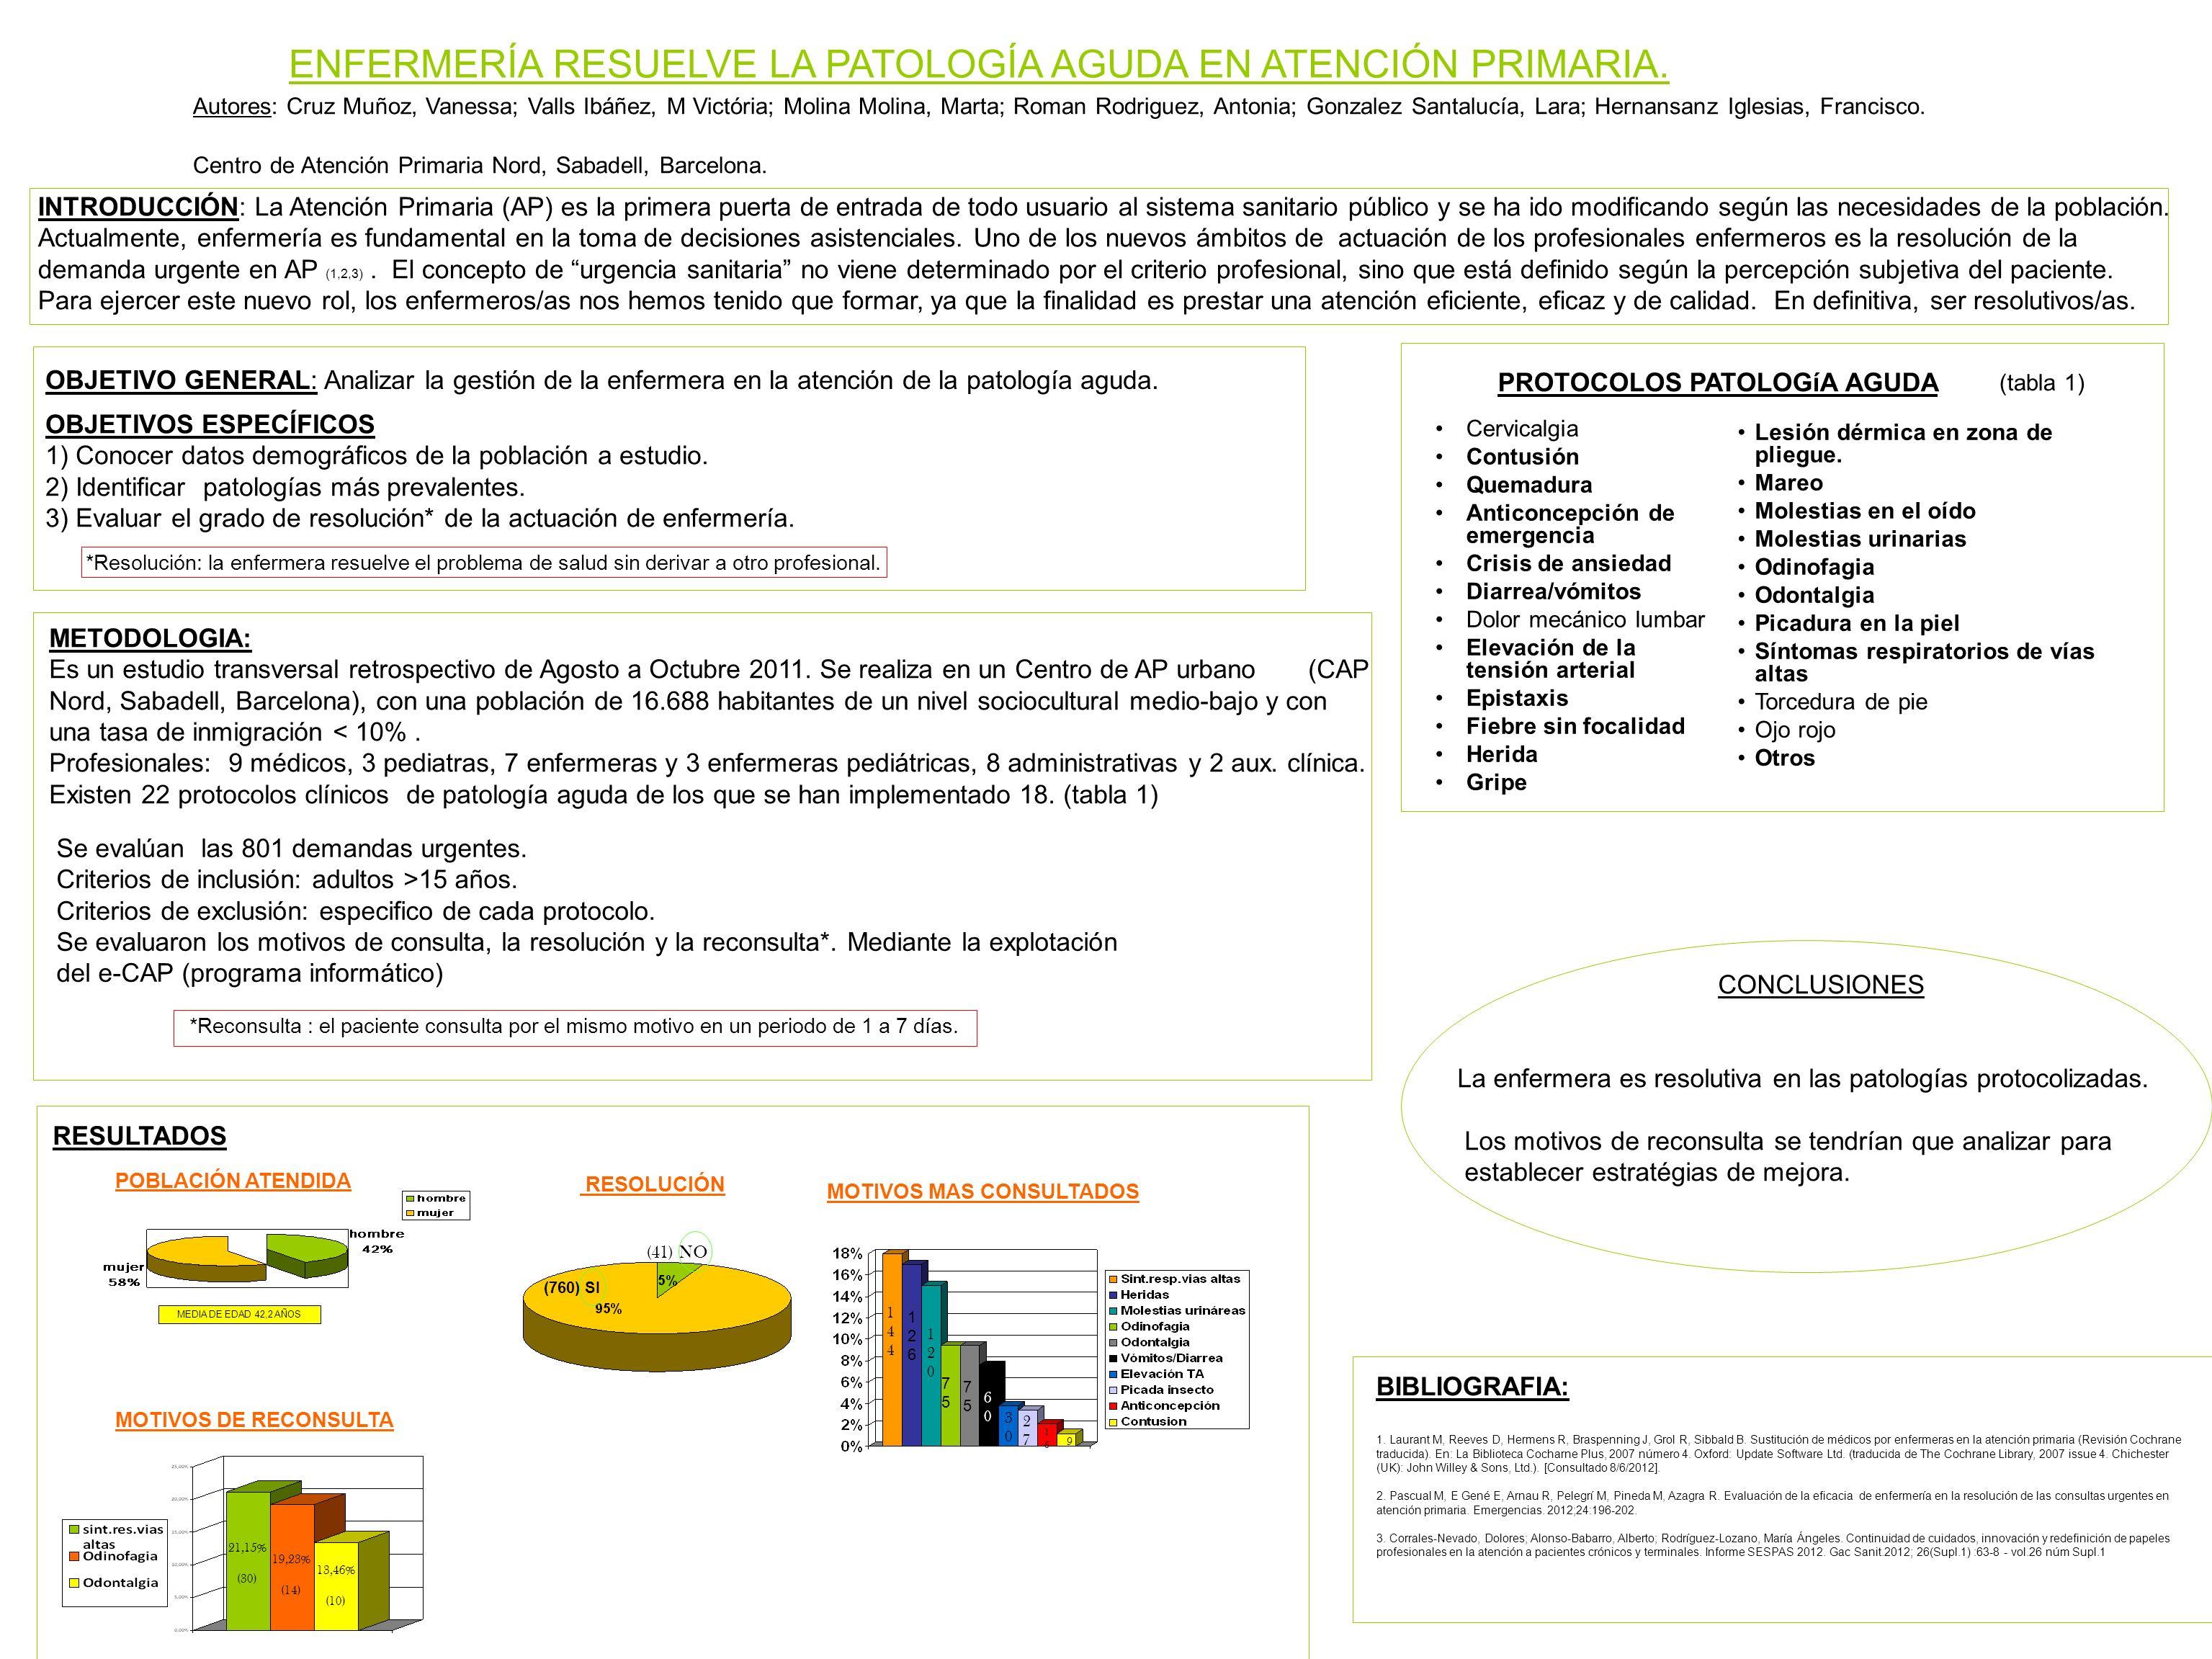 OBJETIVO GENERAL: Analizar la gestión de la enfermera en la atención de la patología aguda.